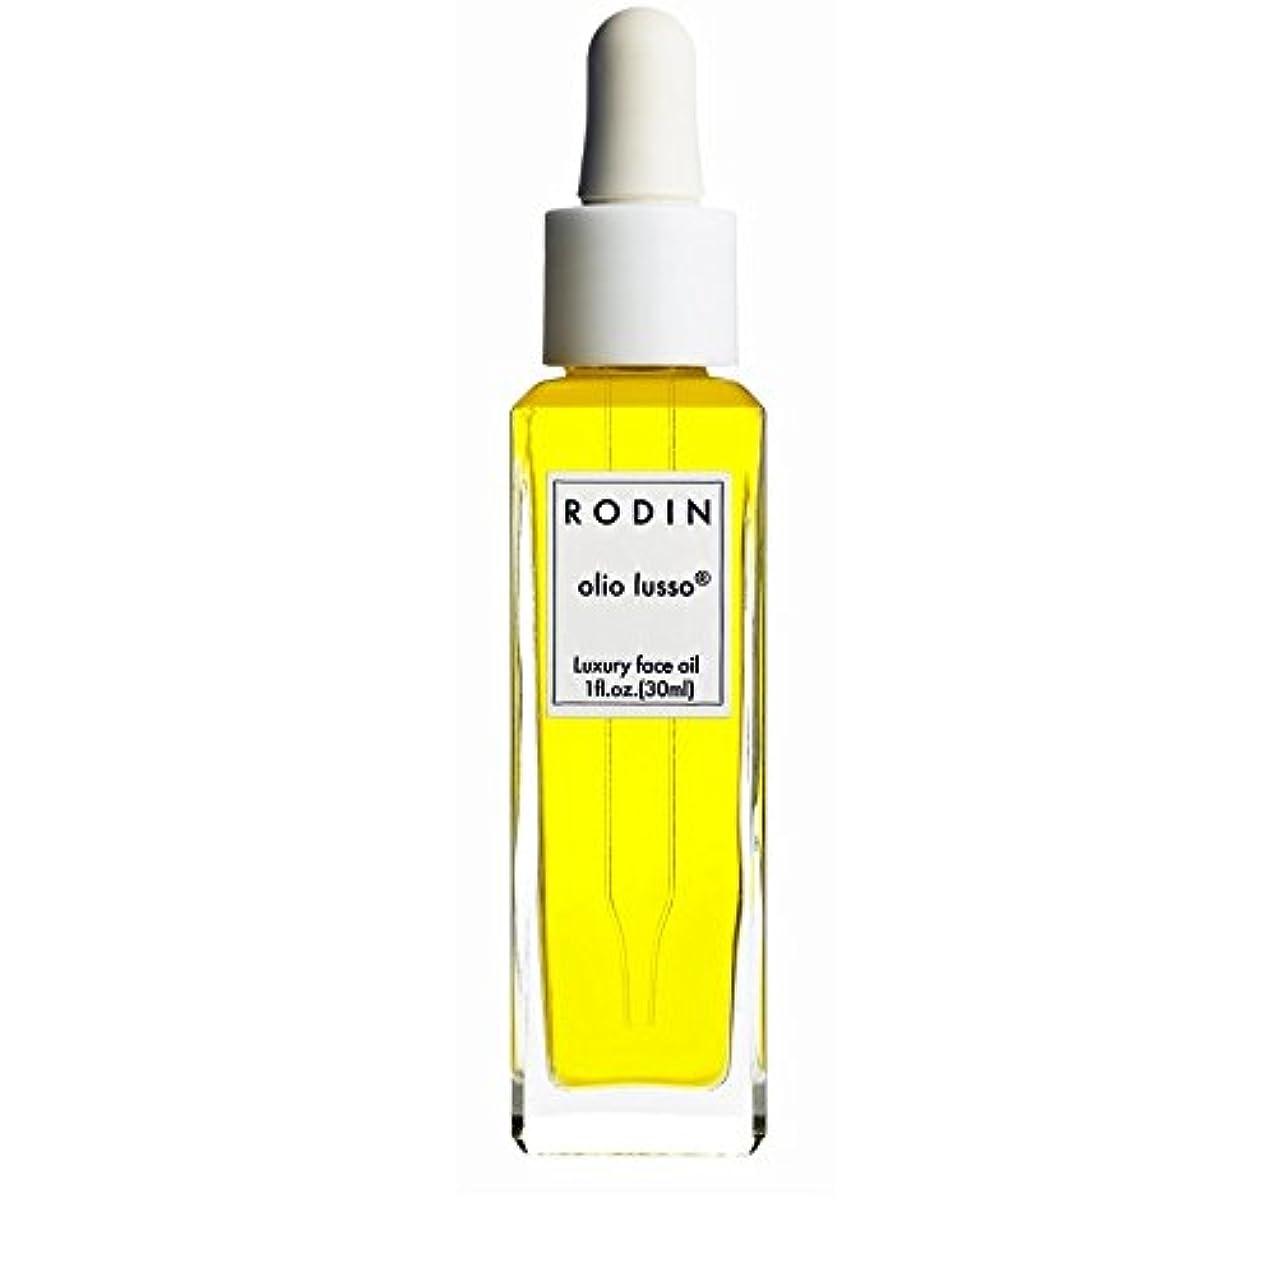 ヘクタール財布強盗RODIN olio lusso Jasmine & Neroli Luxury Face Oil 30ml (Pack of 6) - ロダンルッソジャスミン&ネロリ贅沢なフェイスオイル30ミリリットル x6 [並行輸入品]